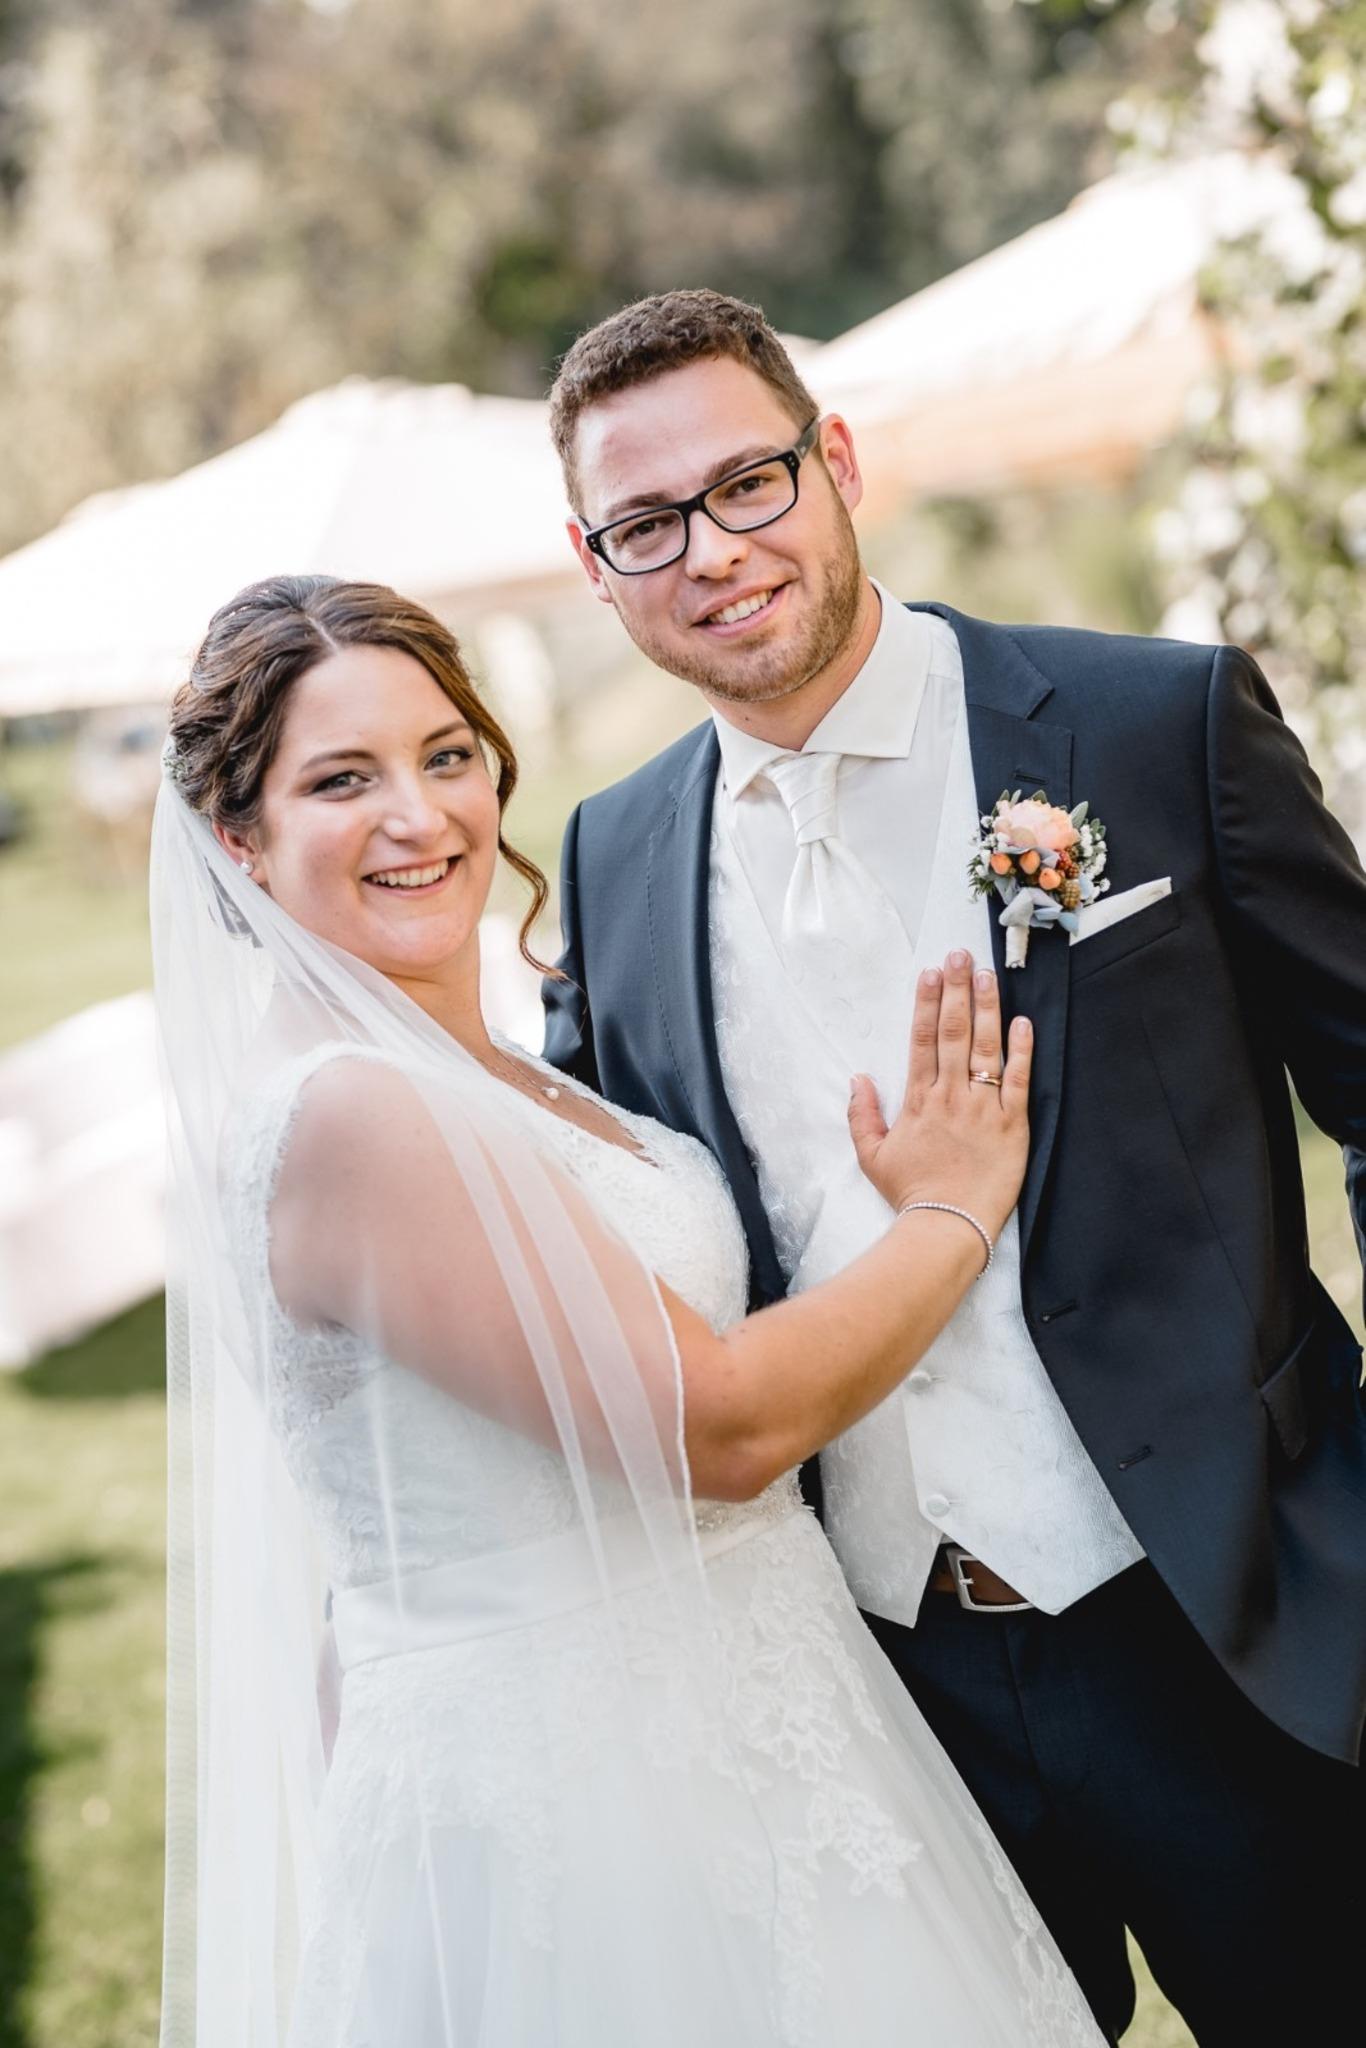 Brautpaar Der Woche Musikalische Hochzeit In St Veit In Der